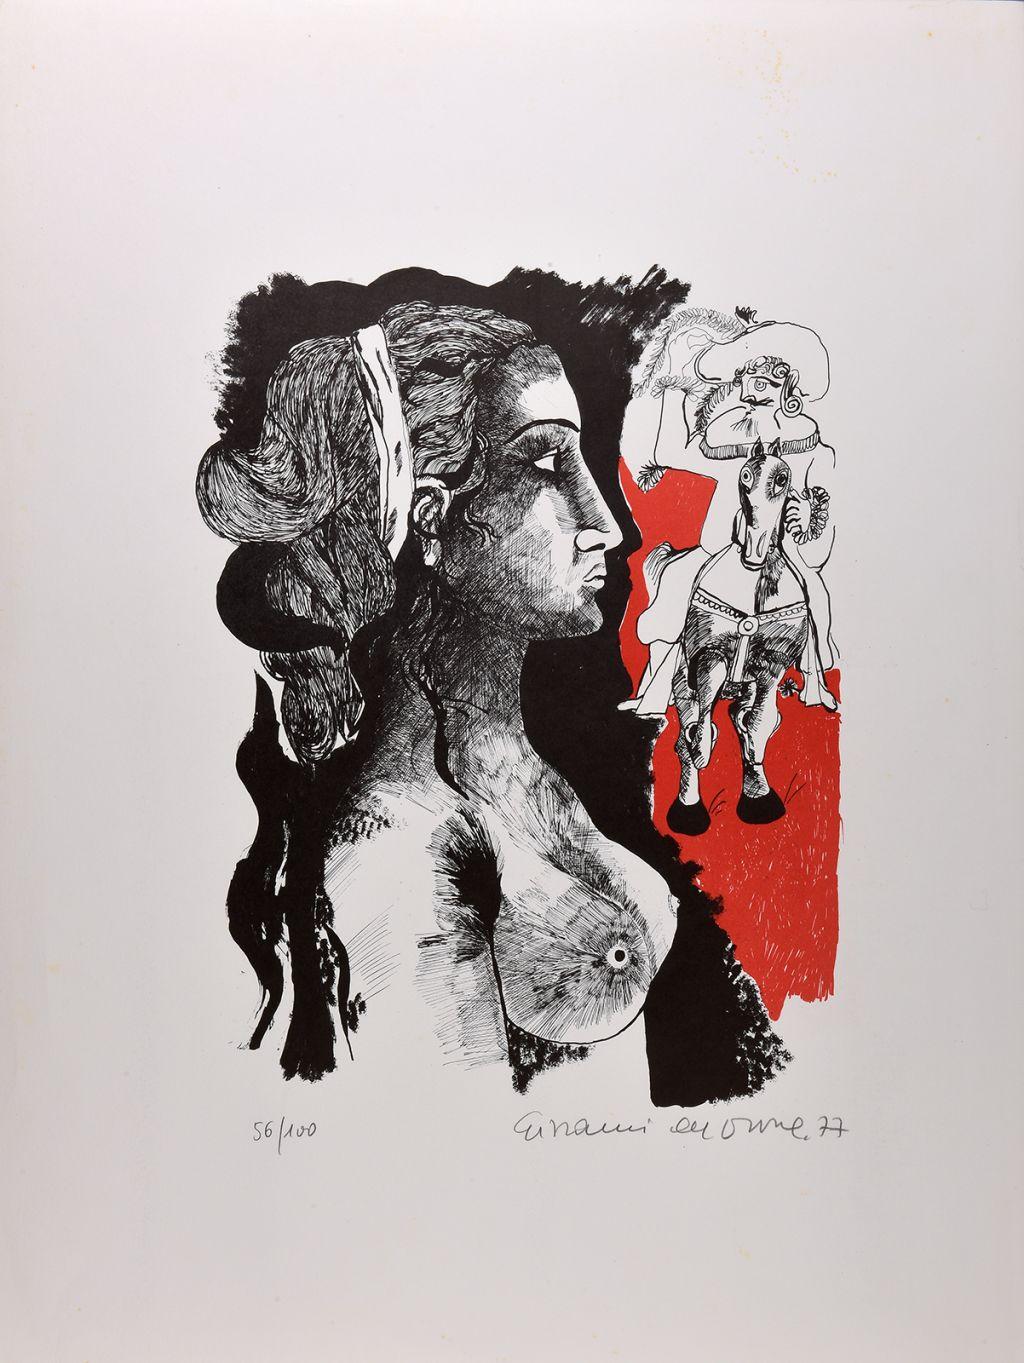 de-simone-giovanni-litografia